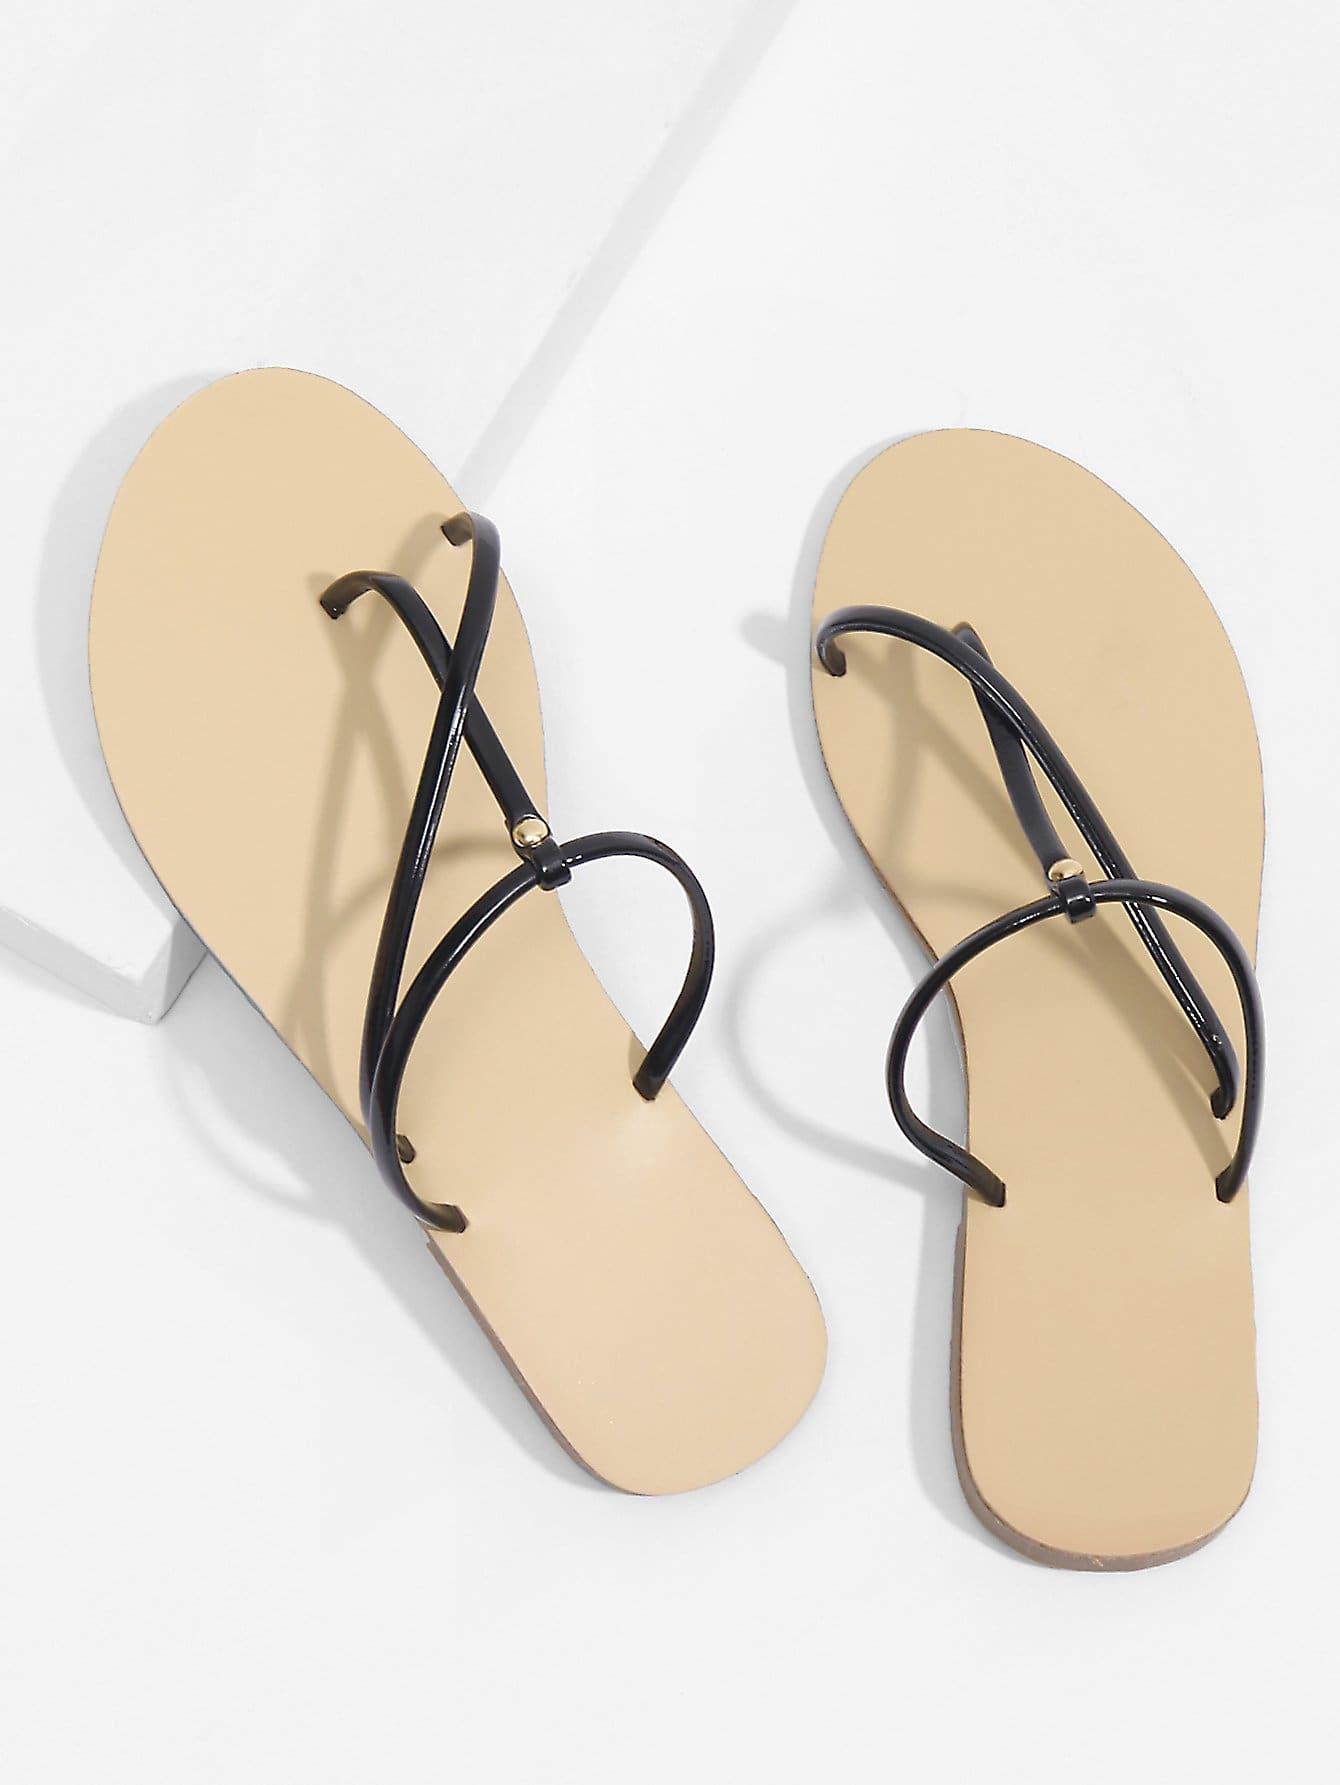 Toe Post Strappy PU Flat Sandals rockstud toe post strappy pu sandals